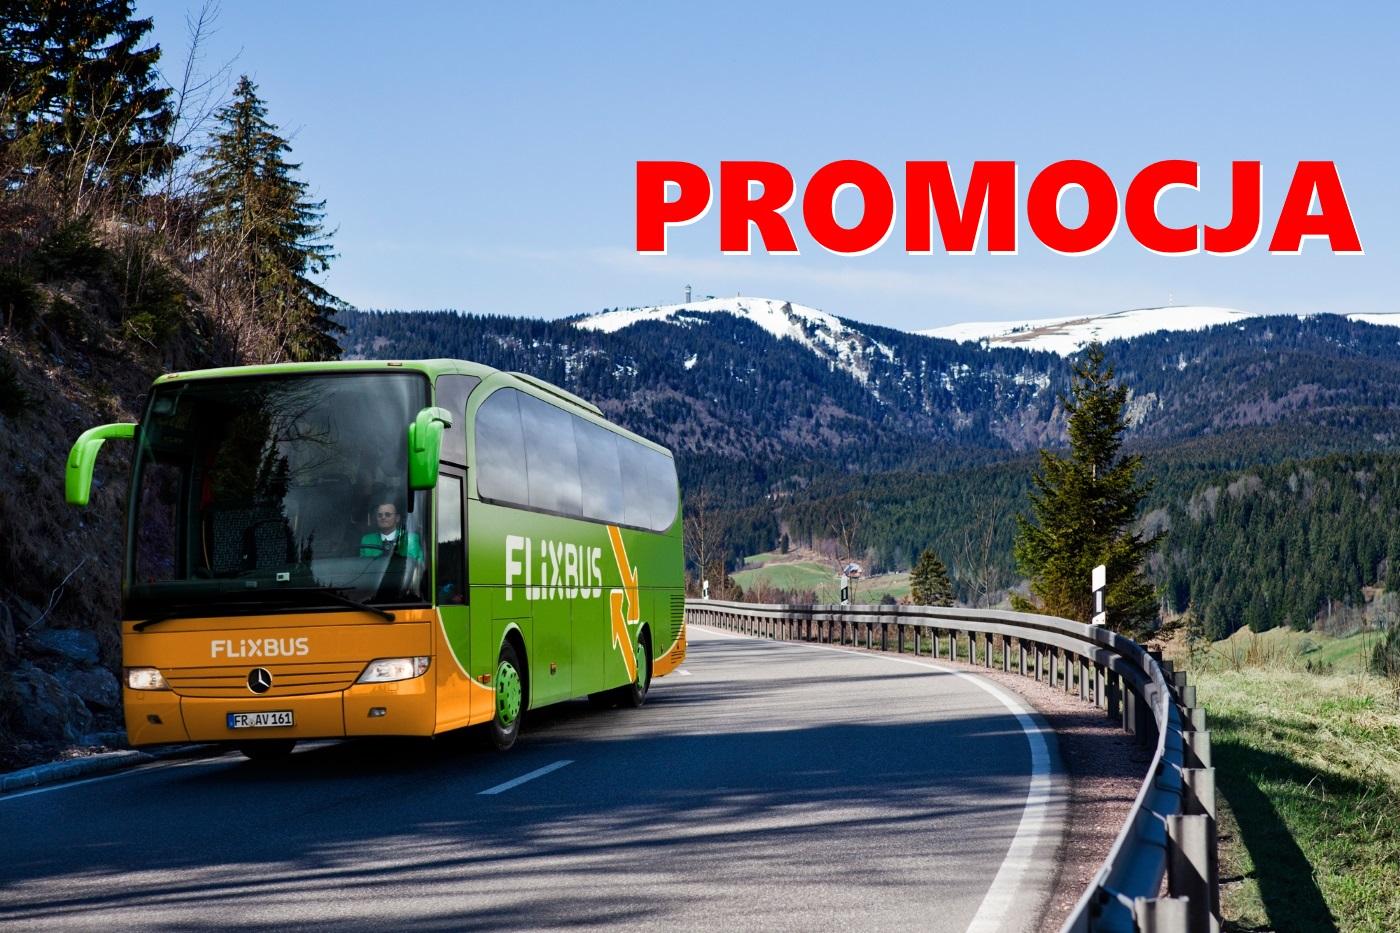 Tańsze przejazdy Flixbus – łapcie okazję, póki działa!